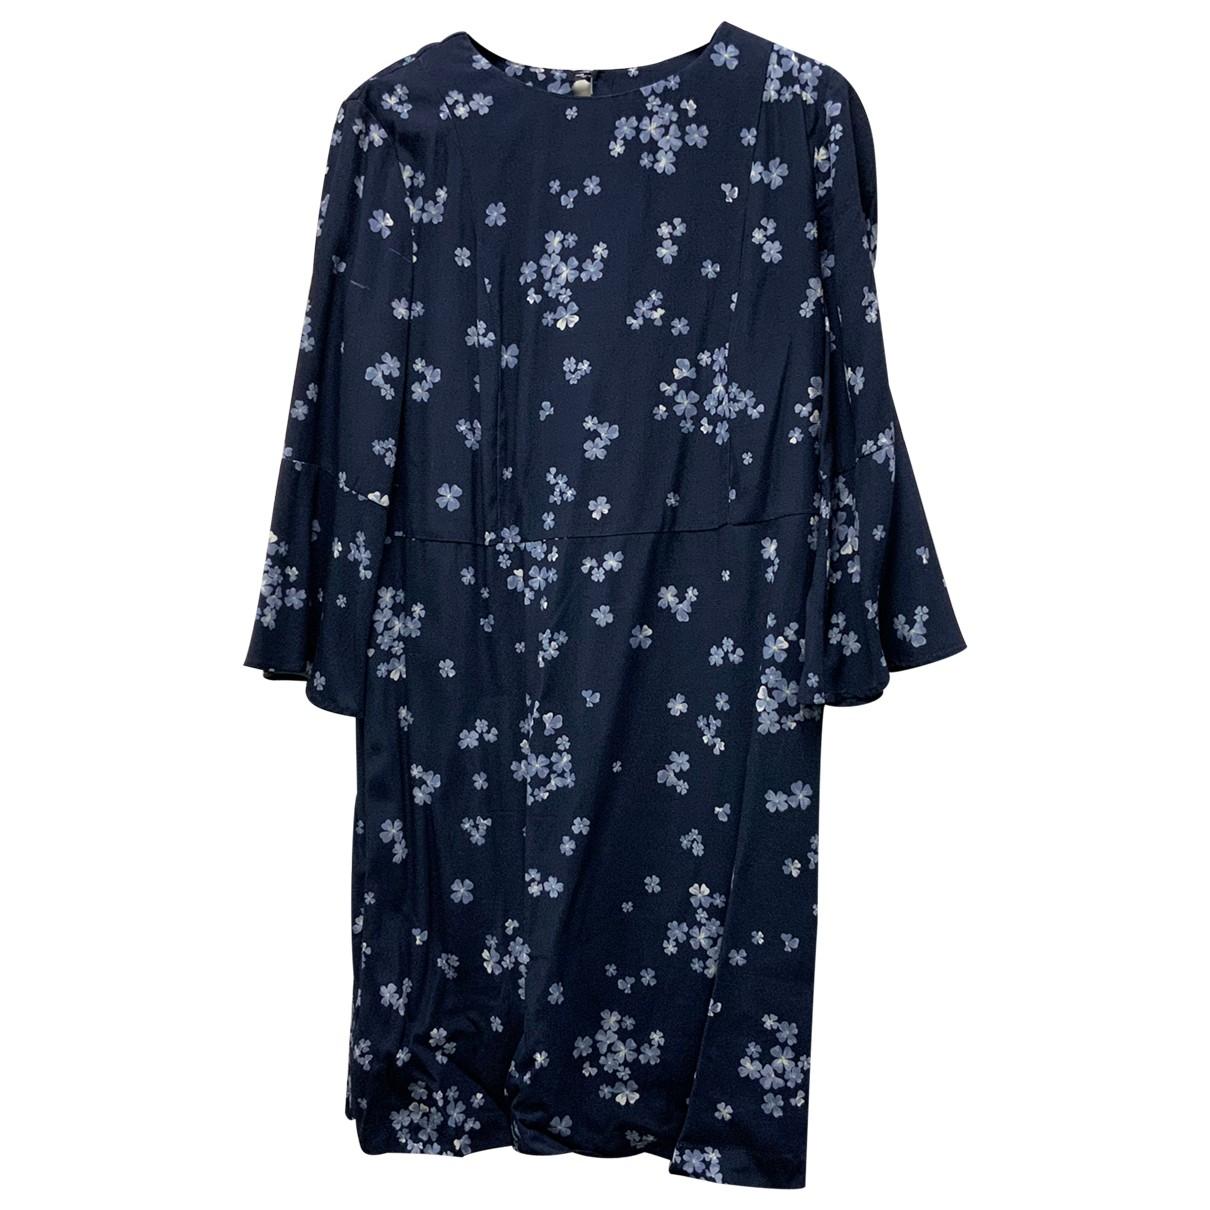 Marella \N Blue dress for Women 42 IT